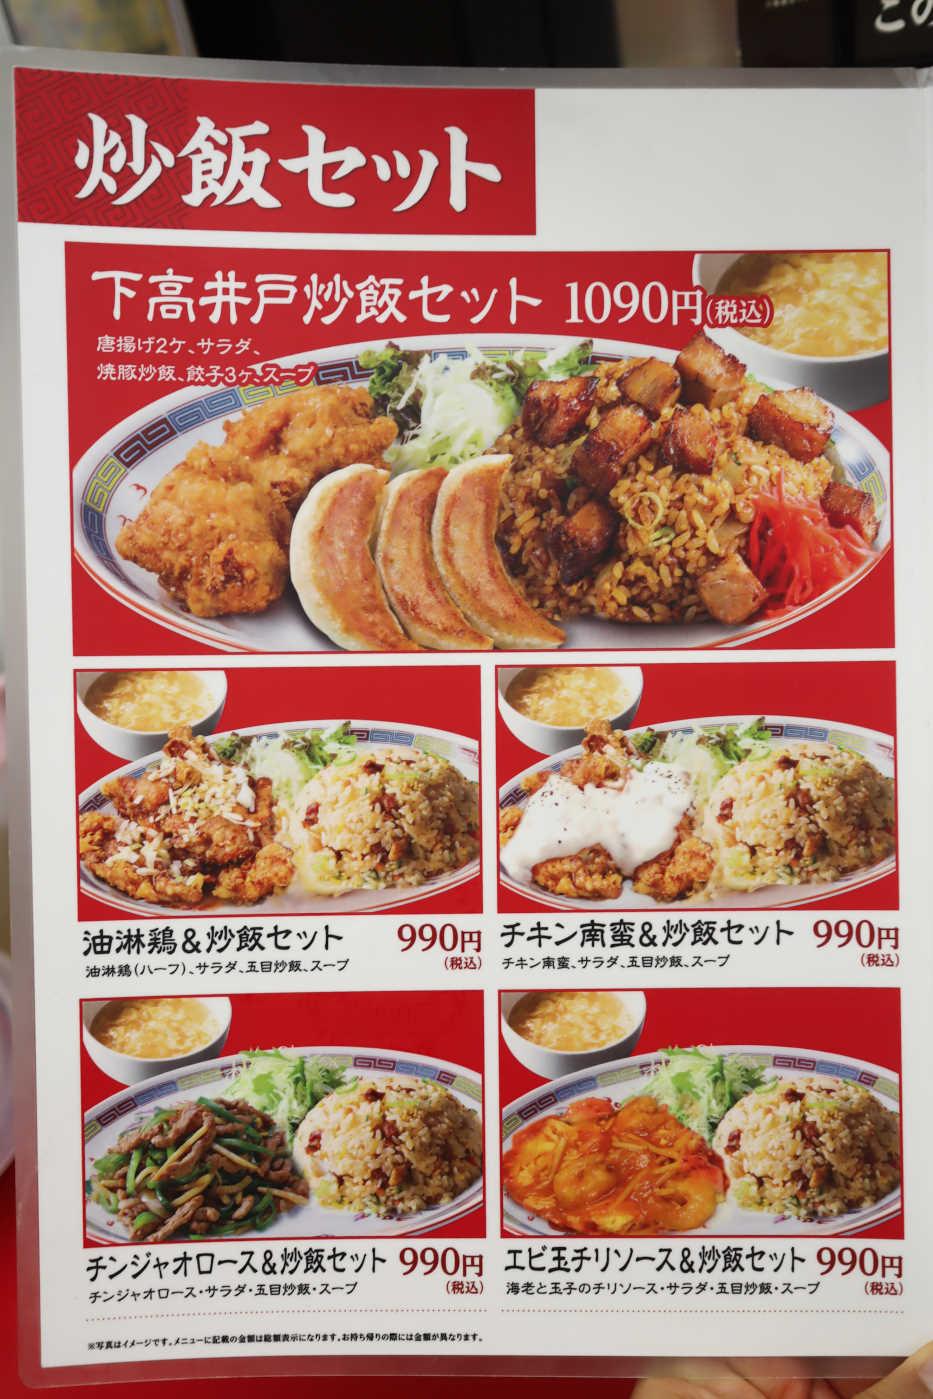 大阪王将のチャーハンセットメニュー